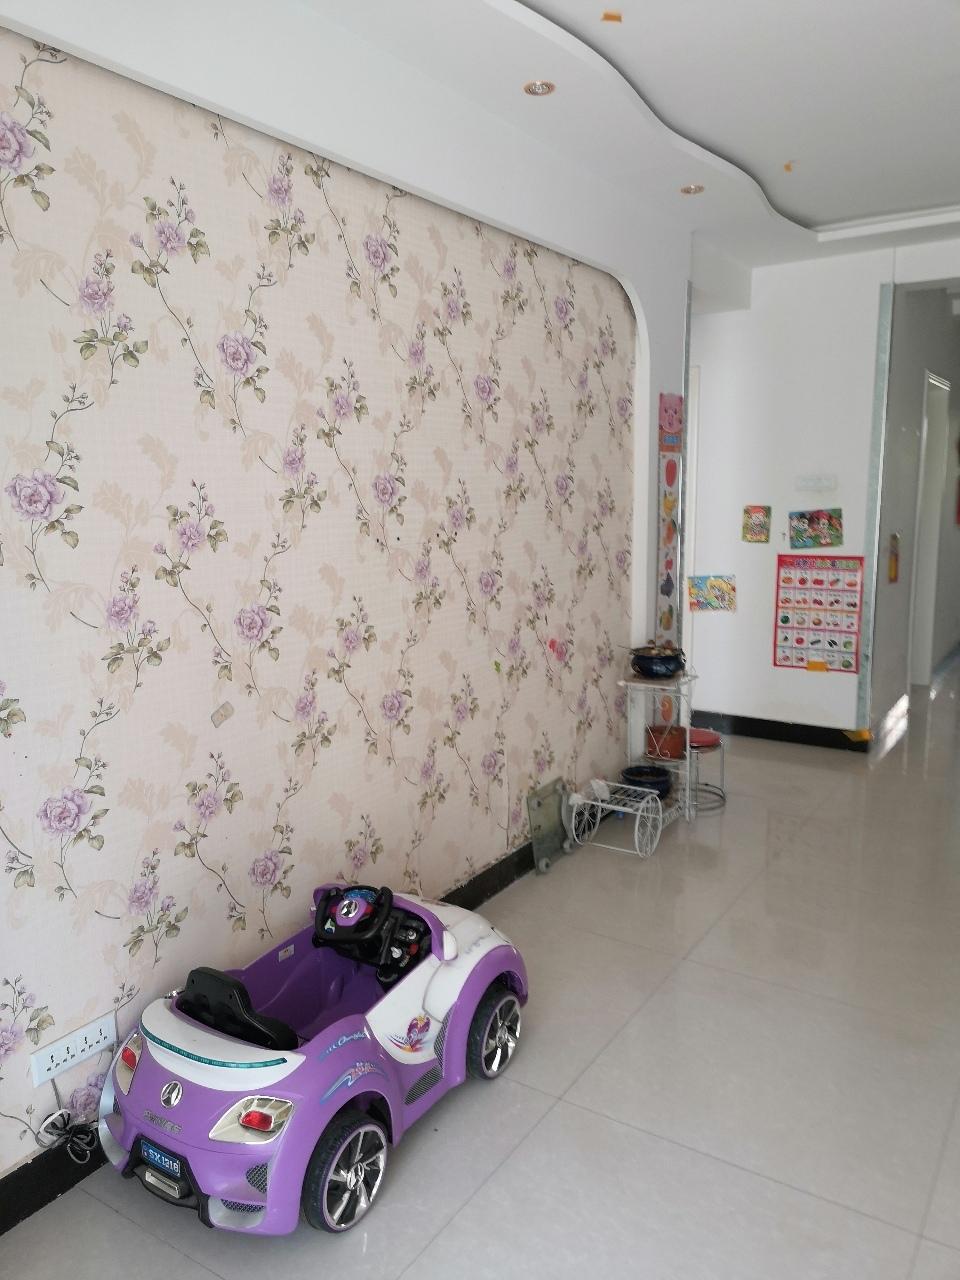 翰海明珠98平米精裝修的2樓,4樓出售2室 2廳 1衛54.8萬元